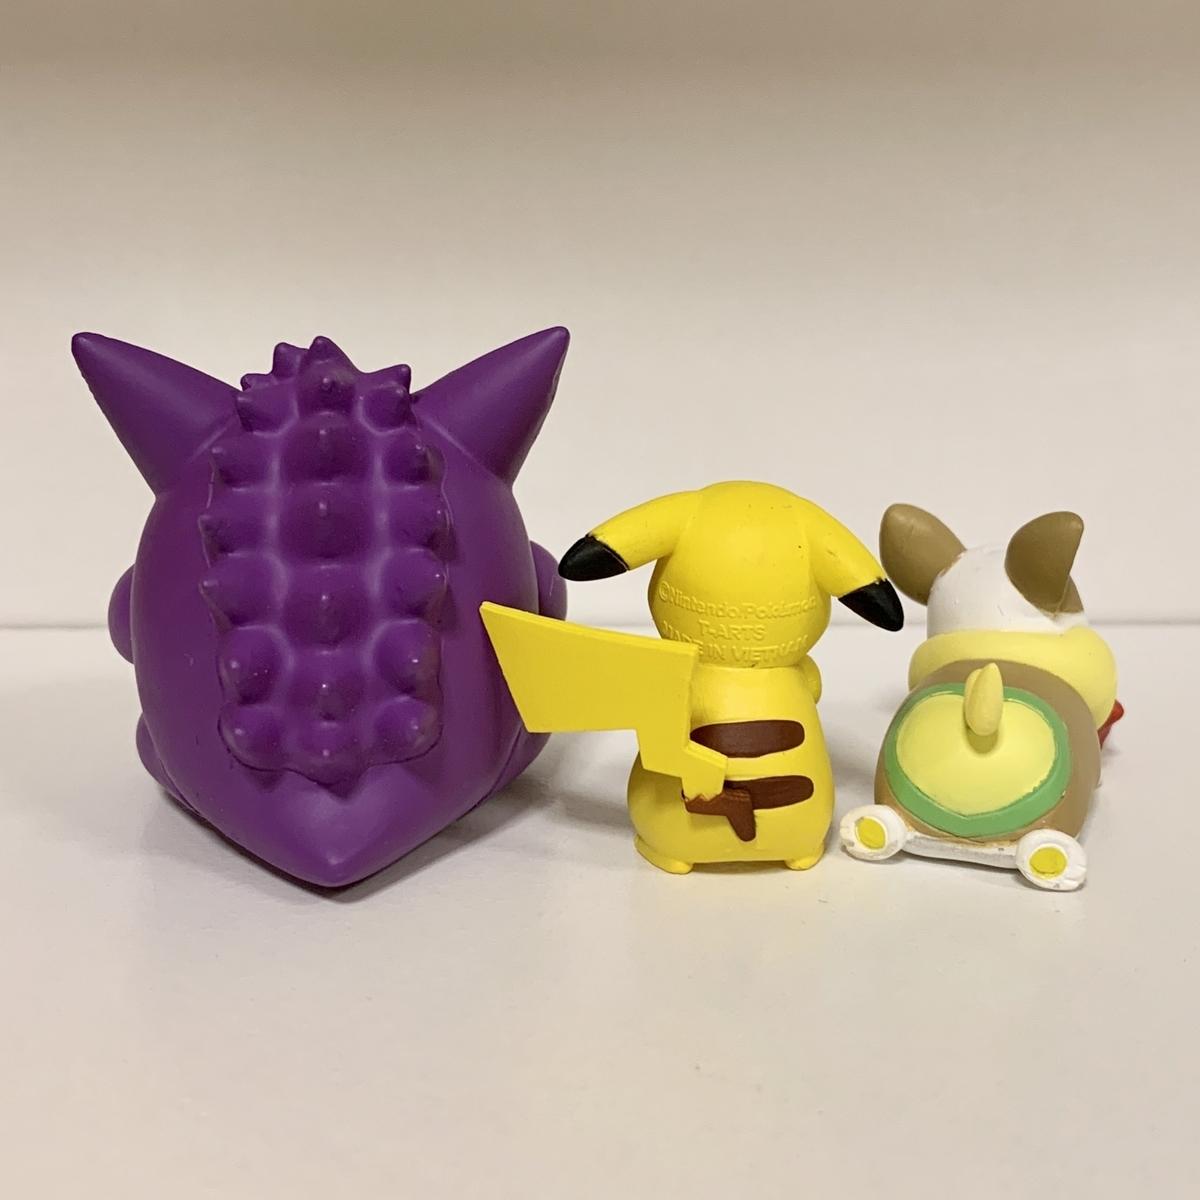 f:id:pikachu_pcn:20200729210702j:plain